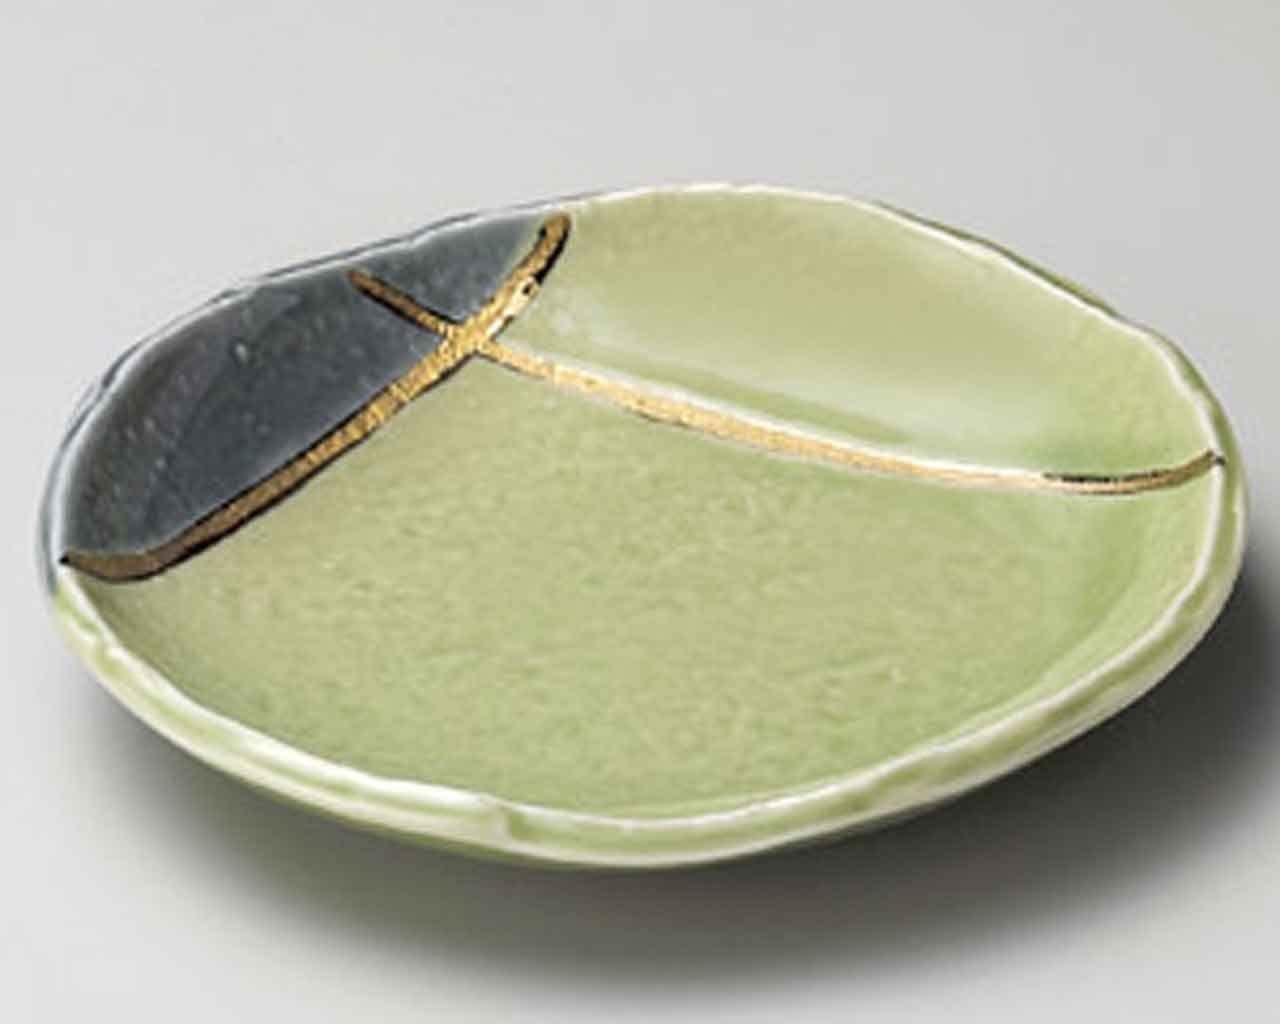 Wakakusa Kinsai Gold 5inch Small Plate Green porcelain Made in Japan